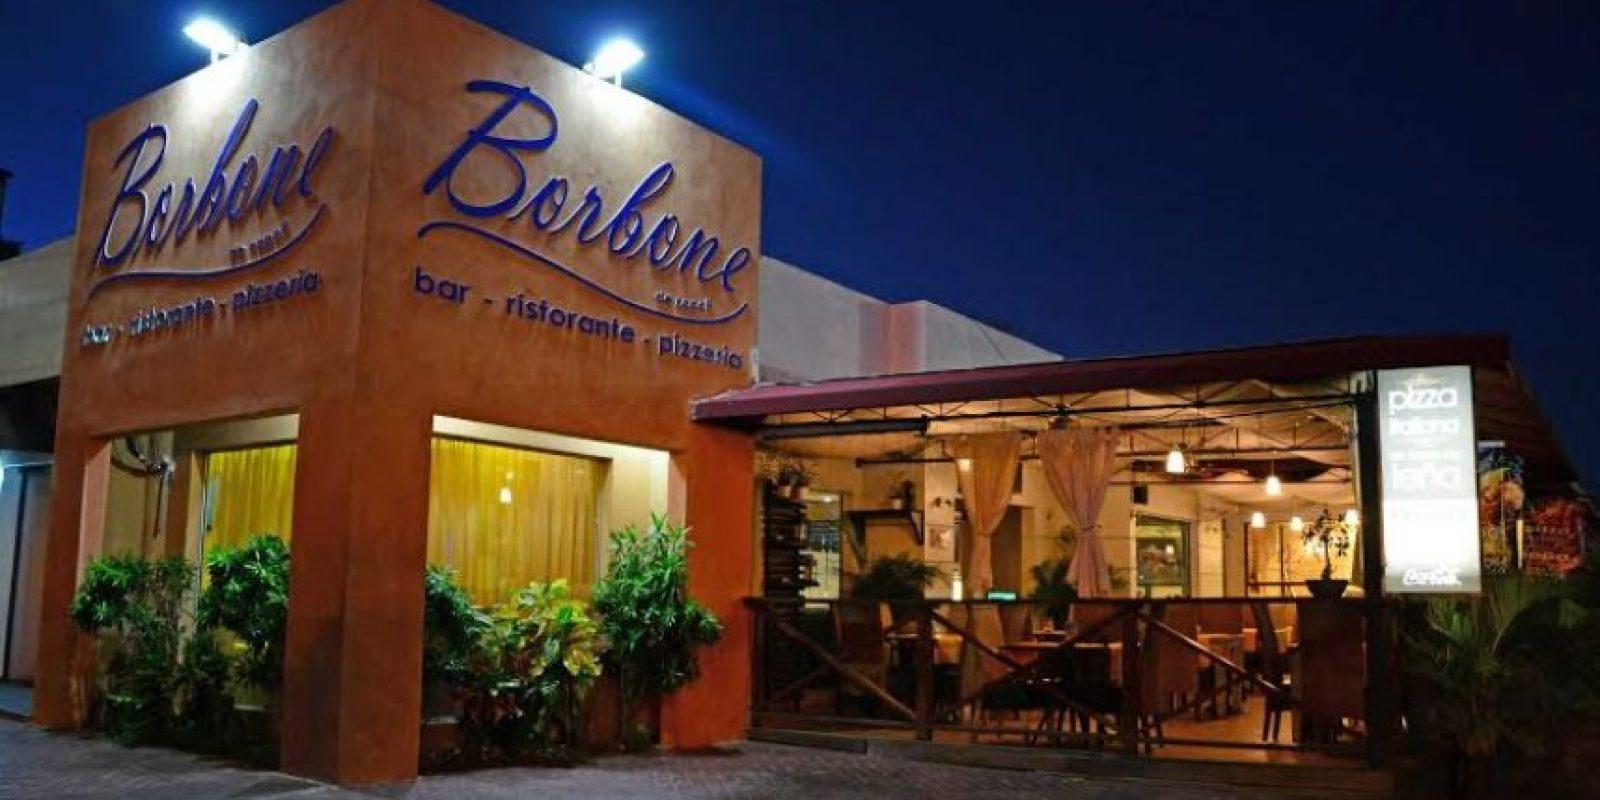 Borbone Restaurante, un lugar elegante y acogedor. Foto:Fuente externa